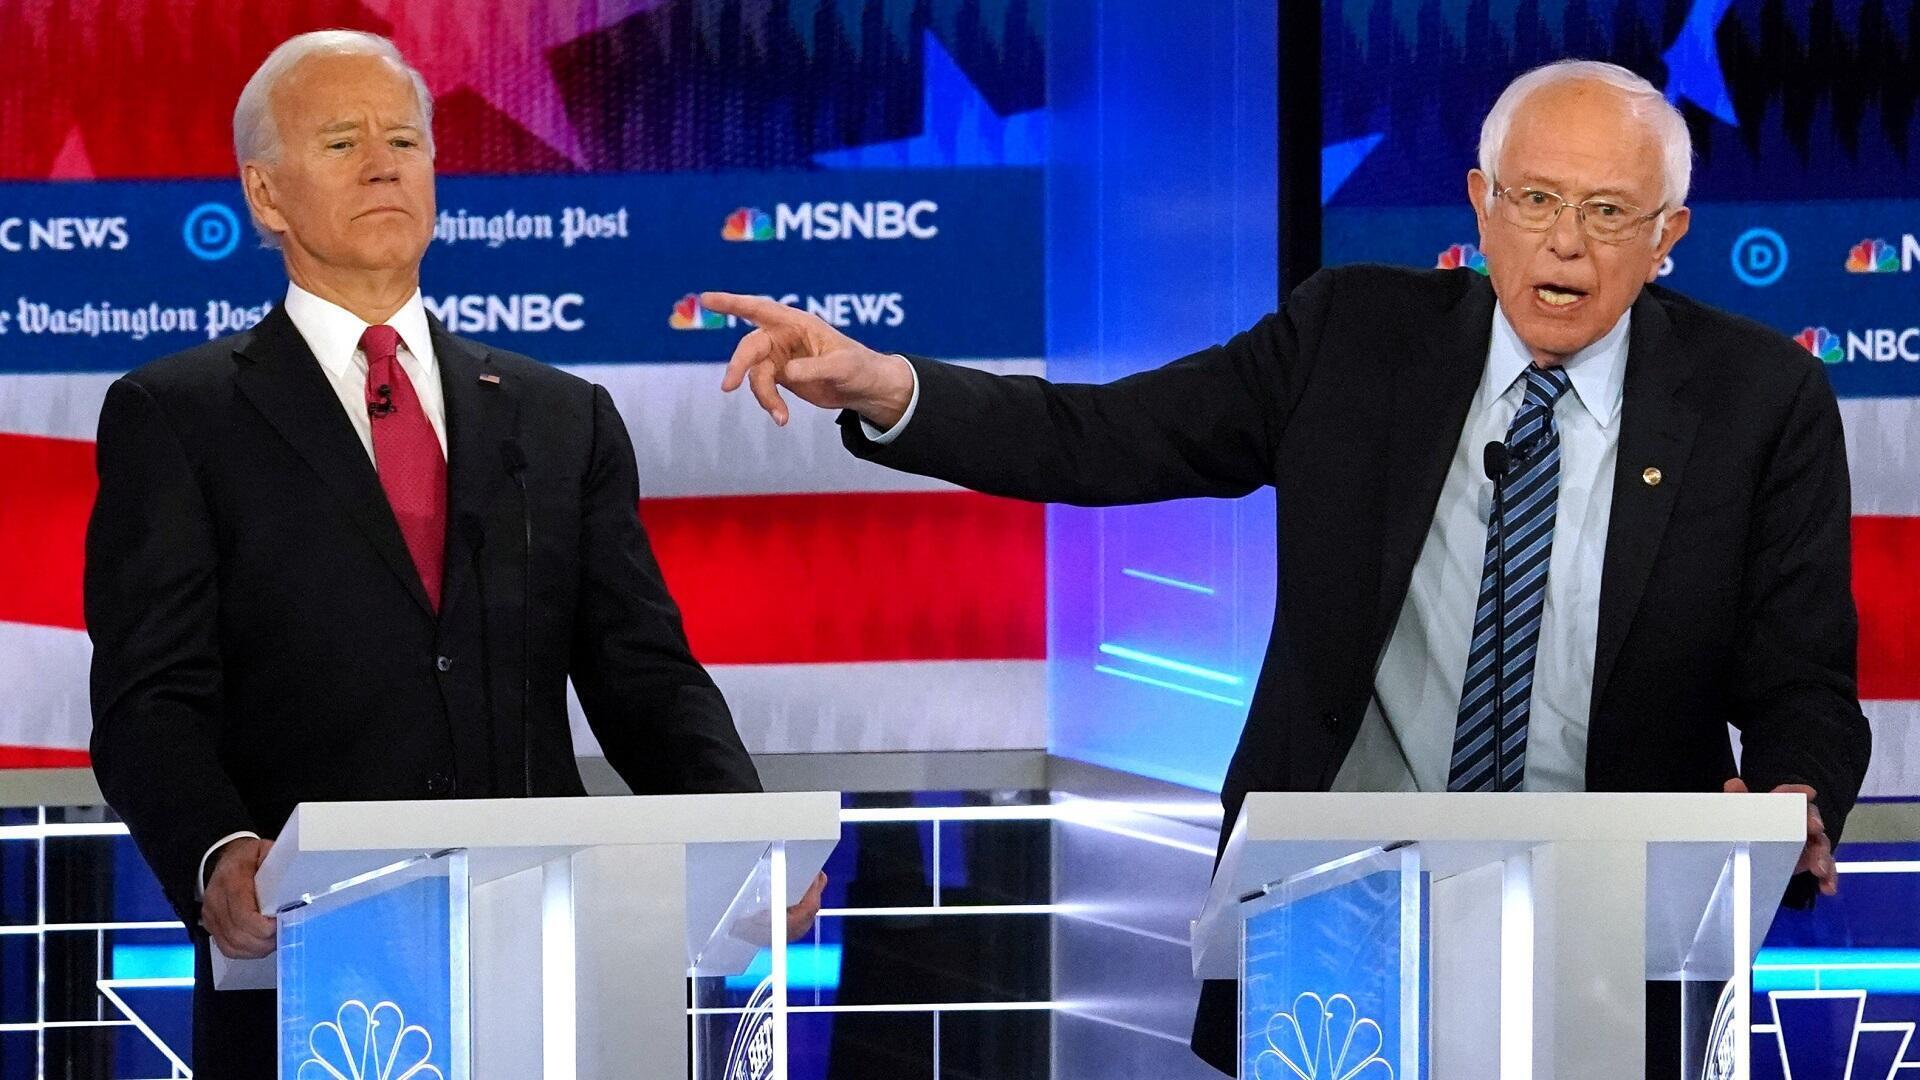 بيرني ساندرز (يمين) وجو بايدن (يسار) في مناظرة تلفزيونية، 20 نوفمبر/تشرين الثاني 2019.